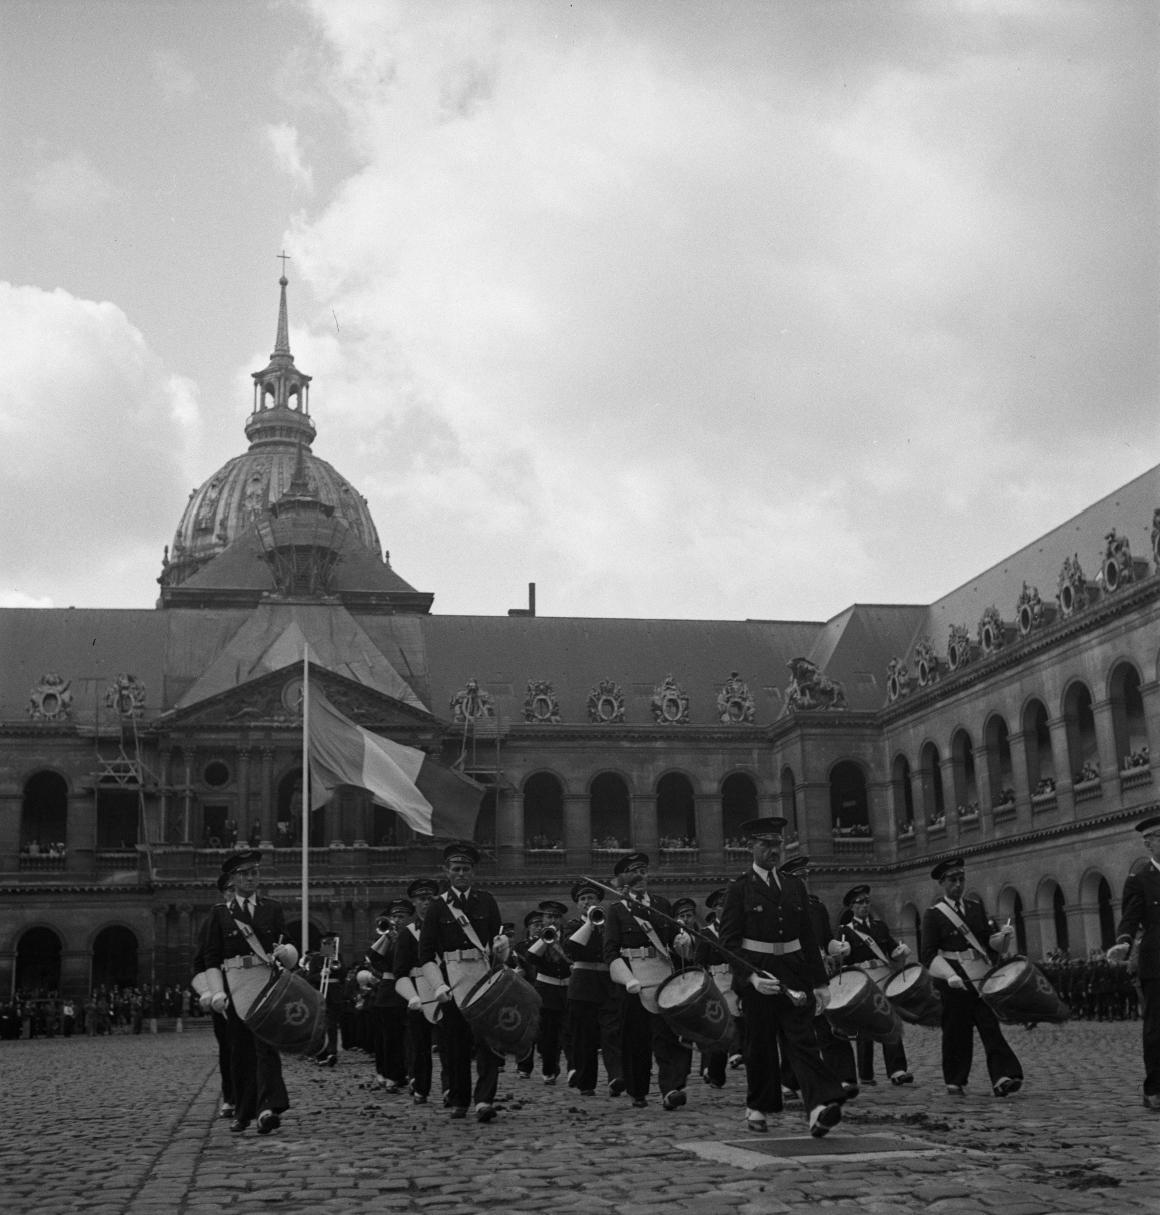 39. Затем под исполнение музыкантами из ВВС Полк Самбры-и-Мааса добровольцы проходят перед трибуной. Возглавляет легионеров капитан Демессин